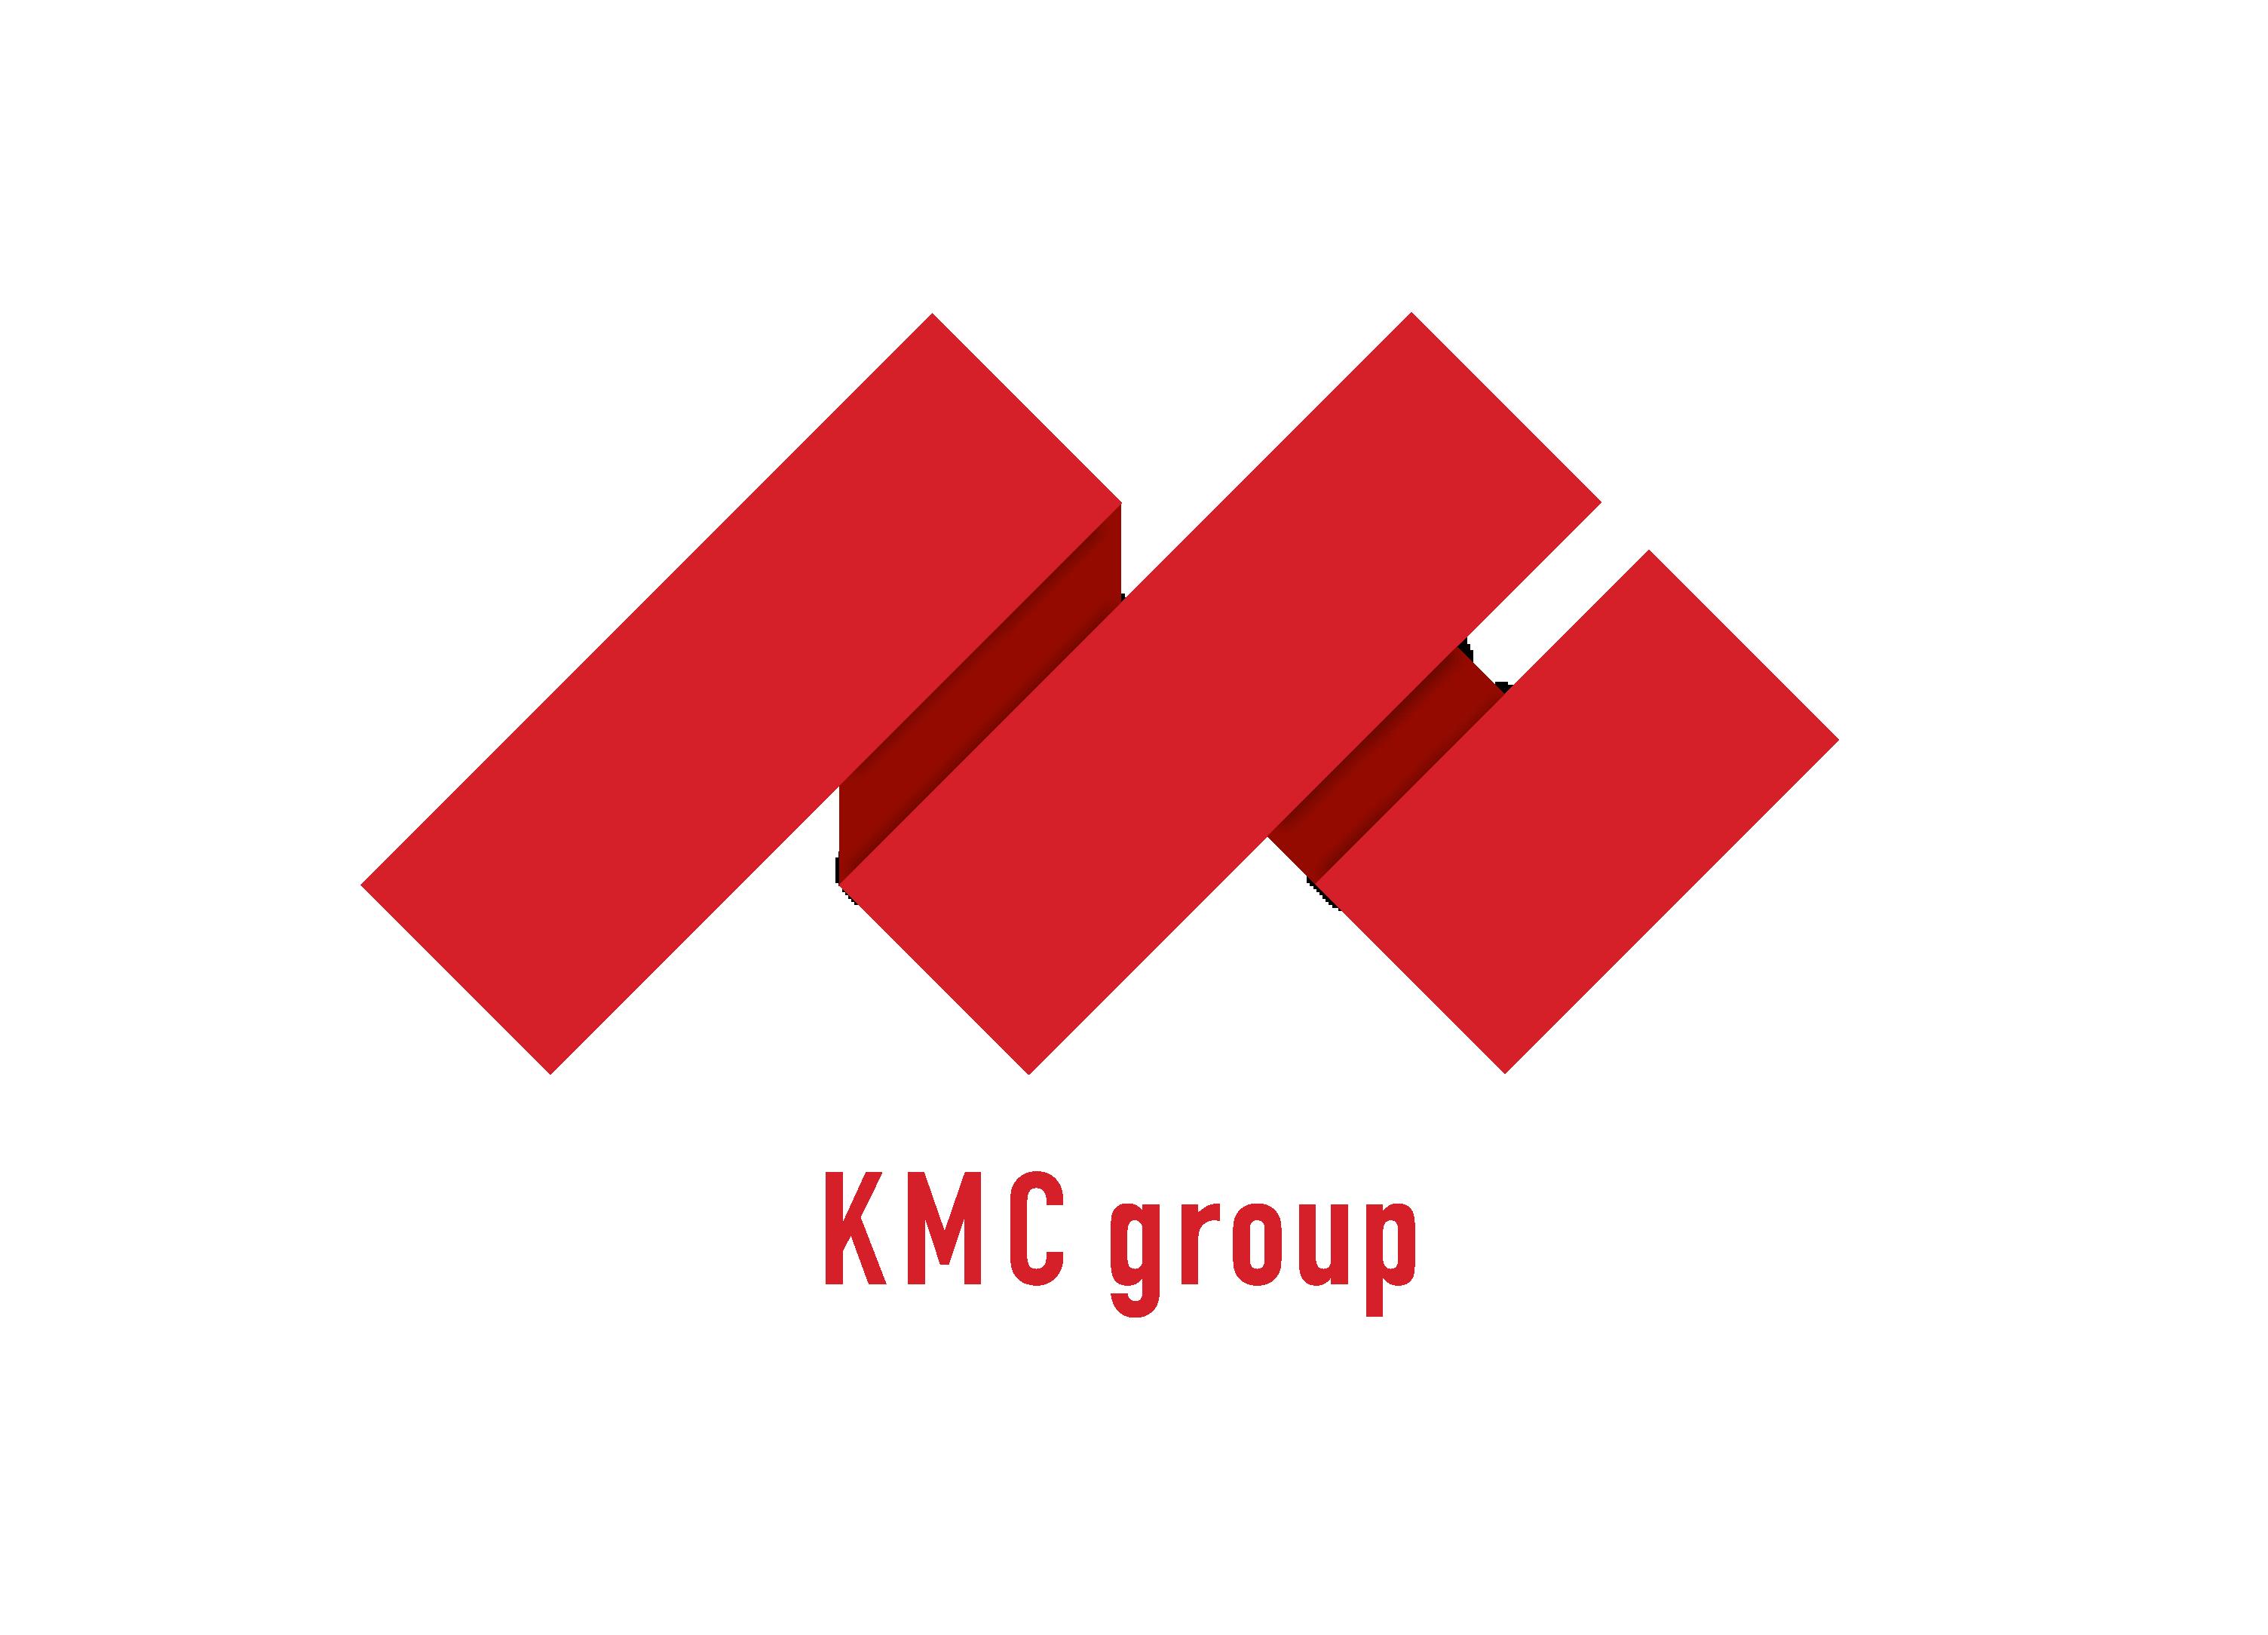 KMC group